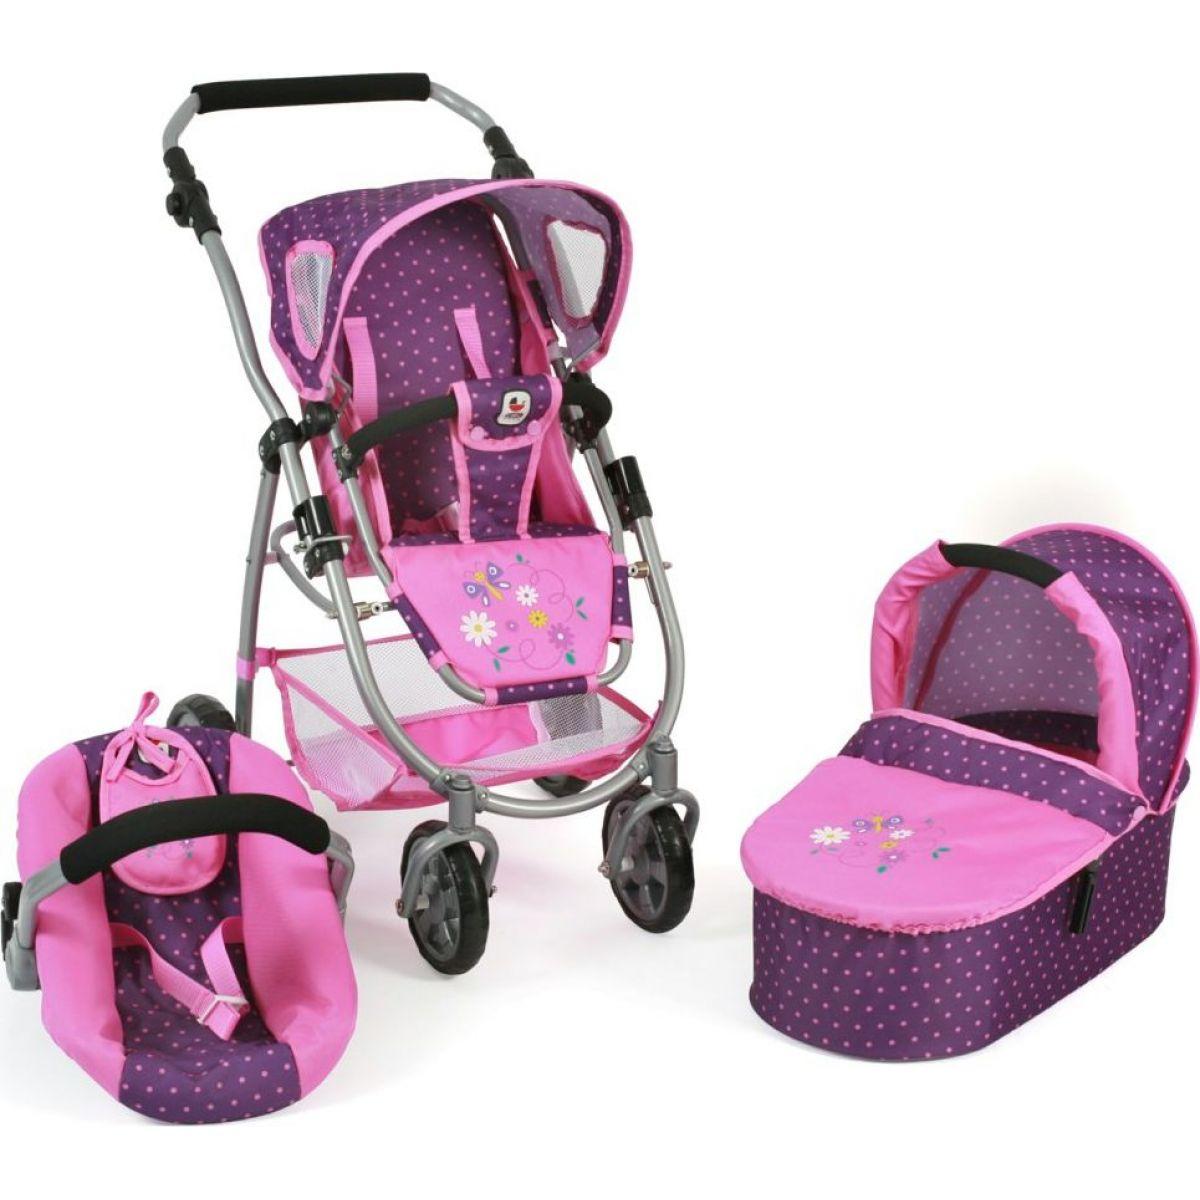 Bayer Chic Kočárek pro panenky Emotion All In 3v1 - Dots purple pink